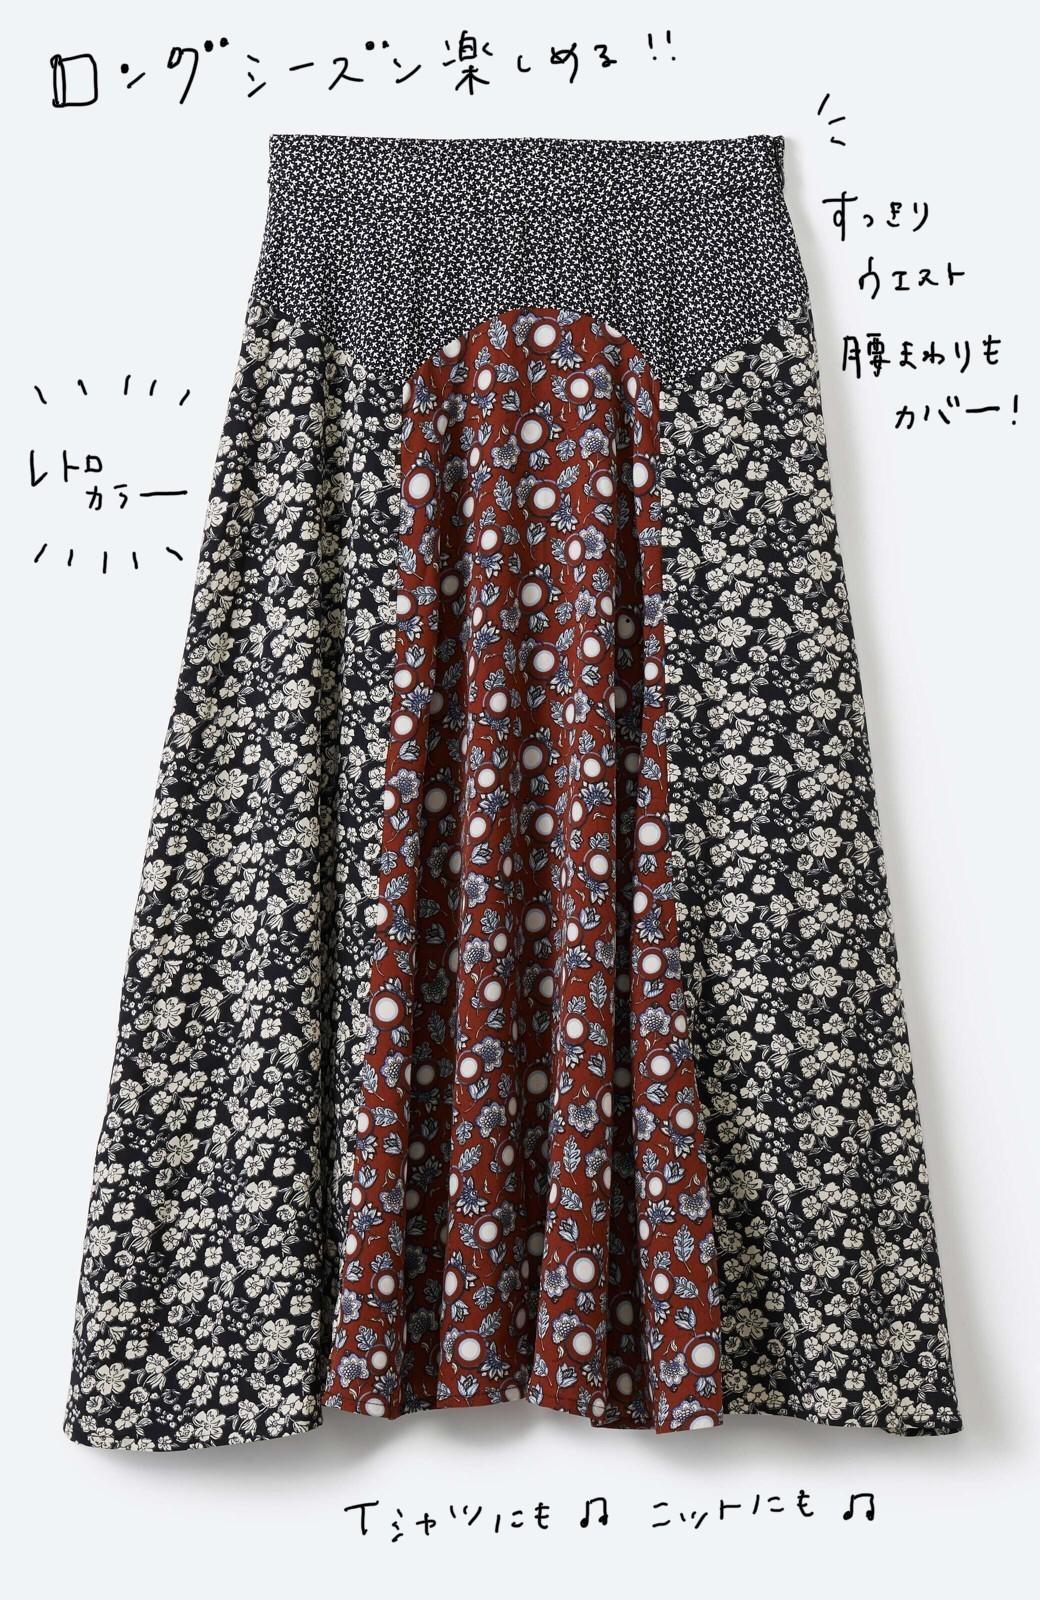 haco! 【洗濯機洗いOK】シンプルなトップスに合わせるだけでかわいくなれる MIX柄スカート <ブラックミックス>の商品写真1